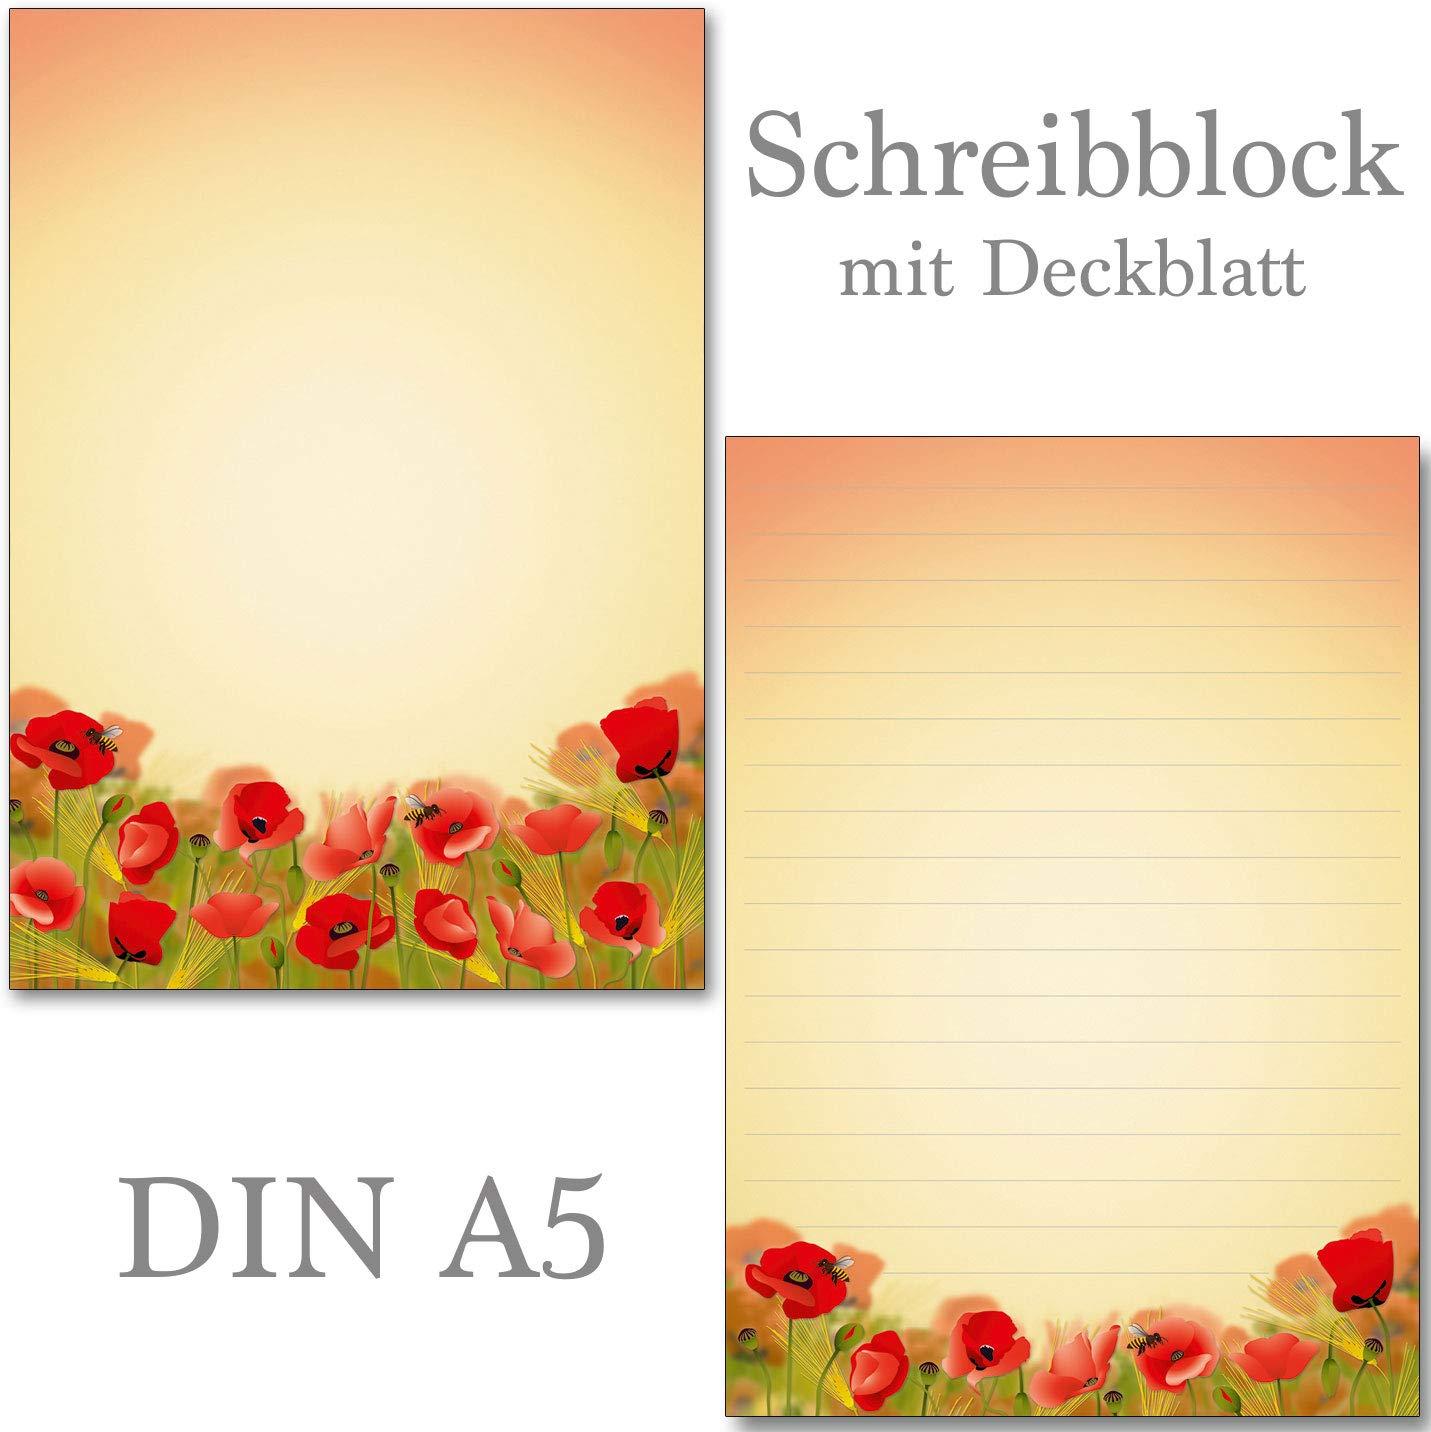 Schreibblö cke schö ne Mohnblumen/Klatschmohn 50 Blatt Format DIN A5 mit Deckblatt 7480 (2 Blö cke) Konzept-G